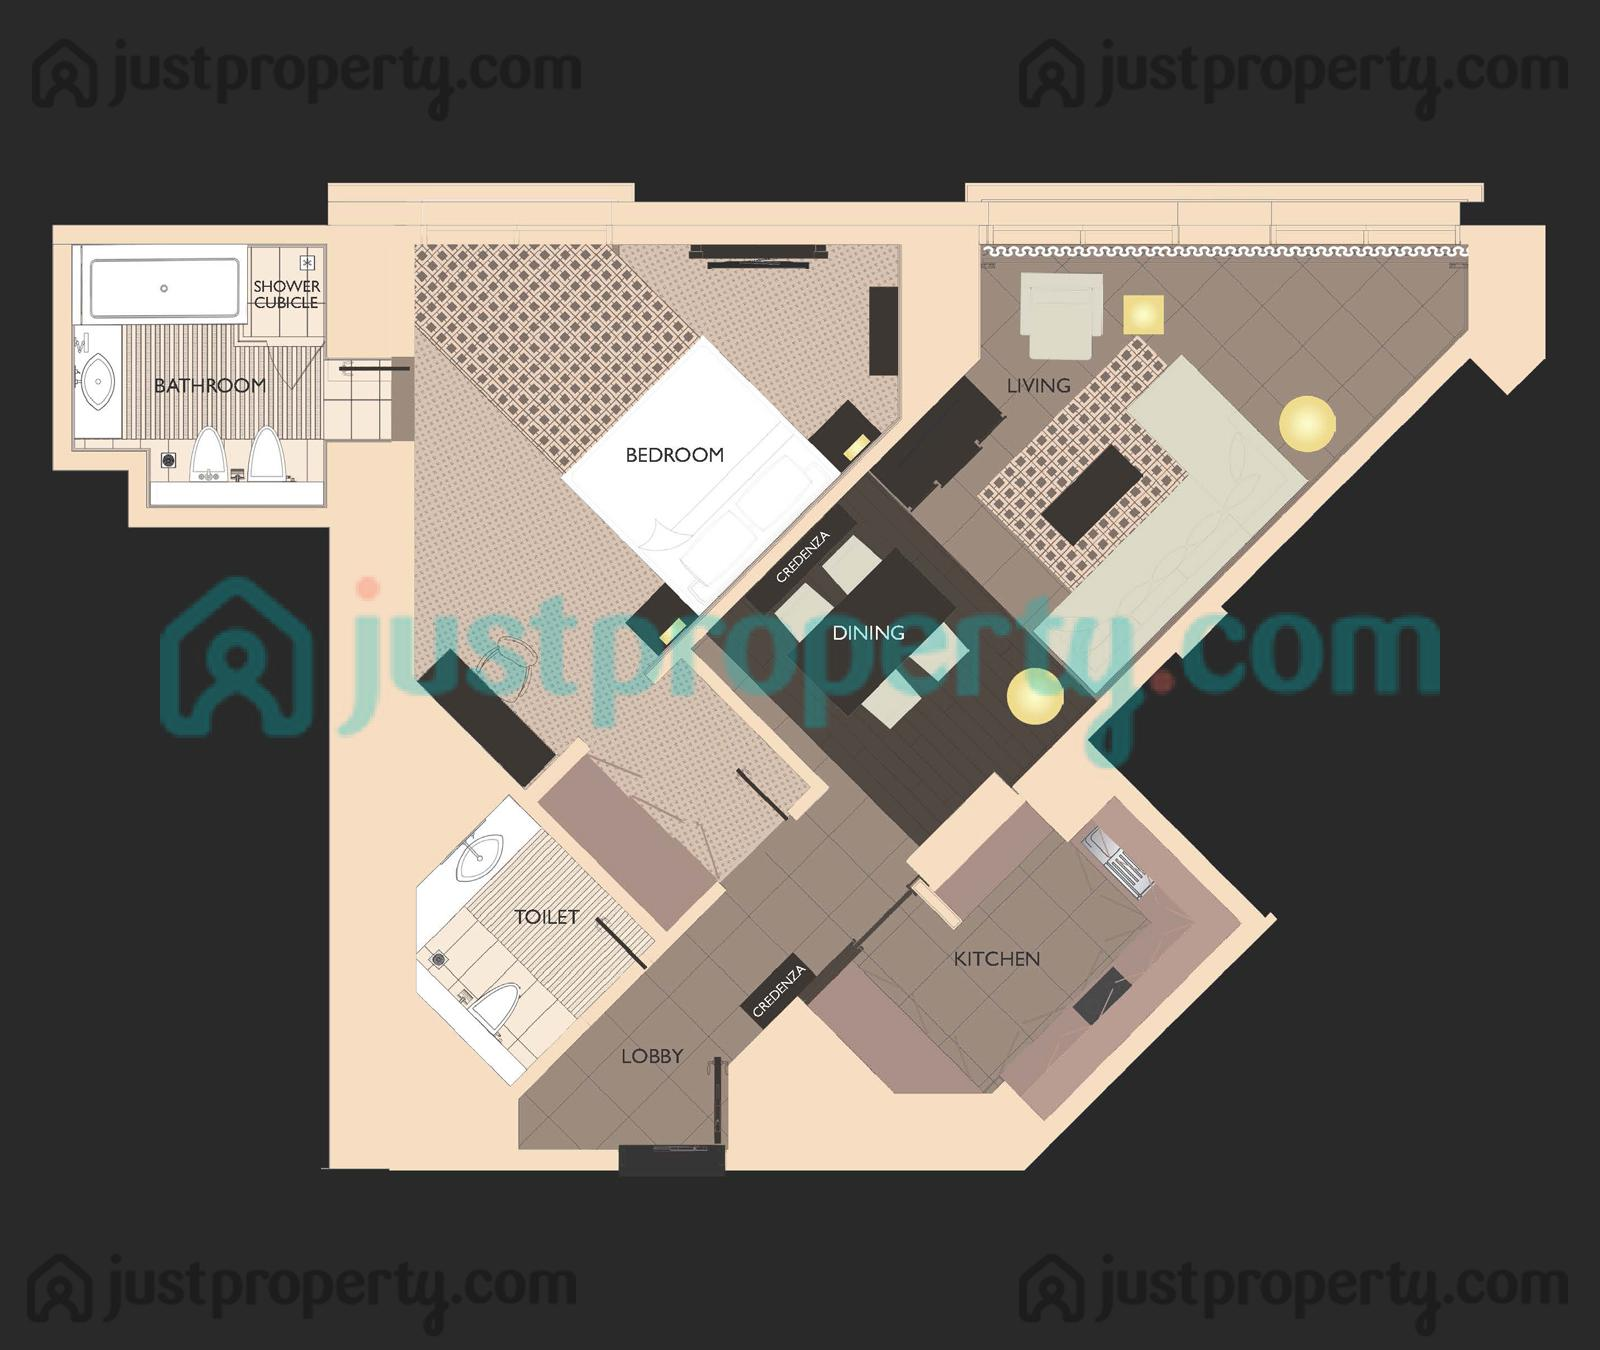 Regency Place Apartments: HYATT Regency Creek Heights Residences Floor Plans